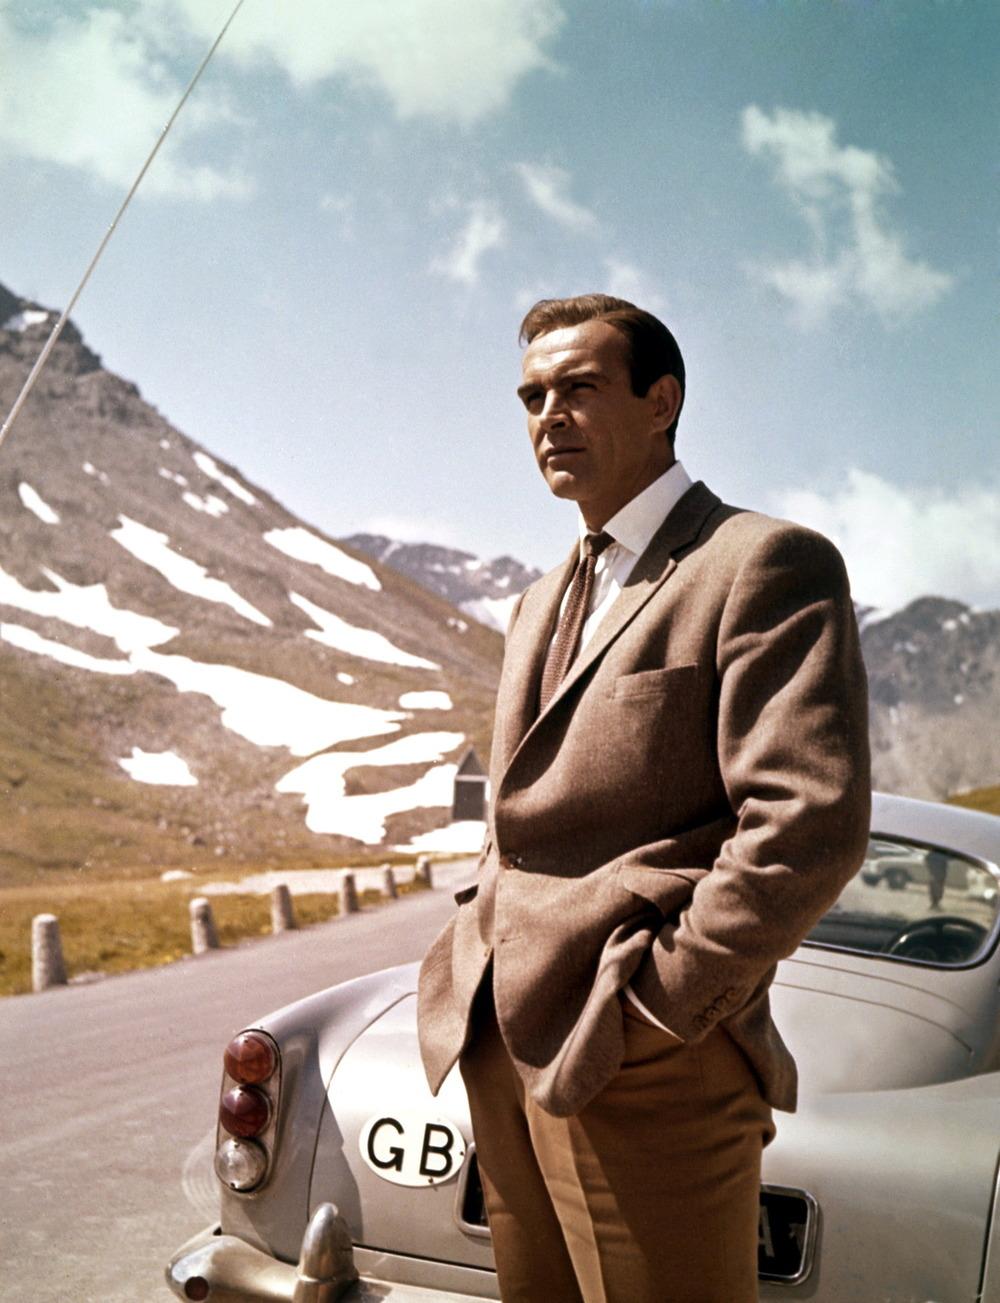 Sir Thomas Sean Connery. A começar que quando tem-se o título de 'Sir' no nome,já devemos respeitá-lo. Depois que quando esse mesmo nome vem acompanhado de tanto talento e elegância, nossa homenagem deve ser ainda maior. É por isso que hoje estamos aqui aplaudindo esse grande nome do cinema e da moda, que através de papéis memoráveis como o do primeiro James Bond da história, nos ensinou muito sobre espionagem, sedução e elegância. muito obrigado, Sir, pelos 84 anos de tanta sabedoria.